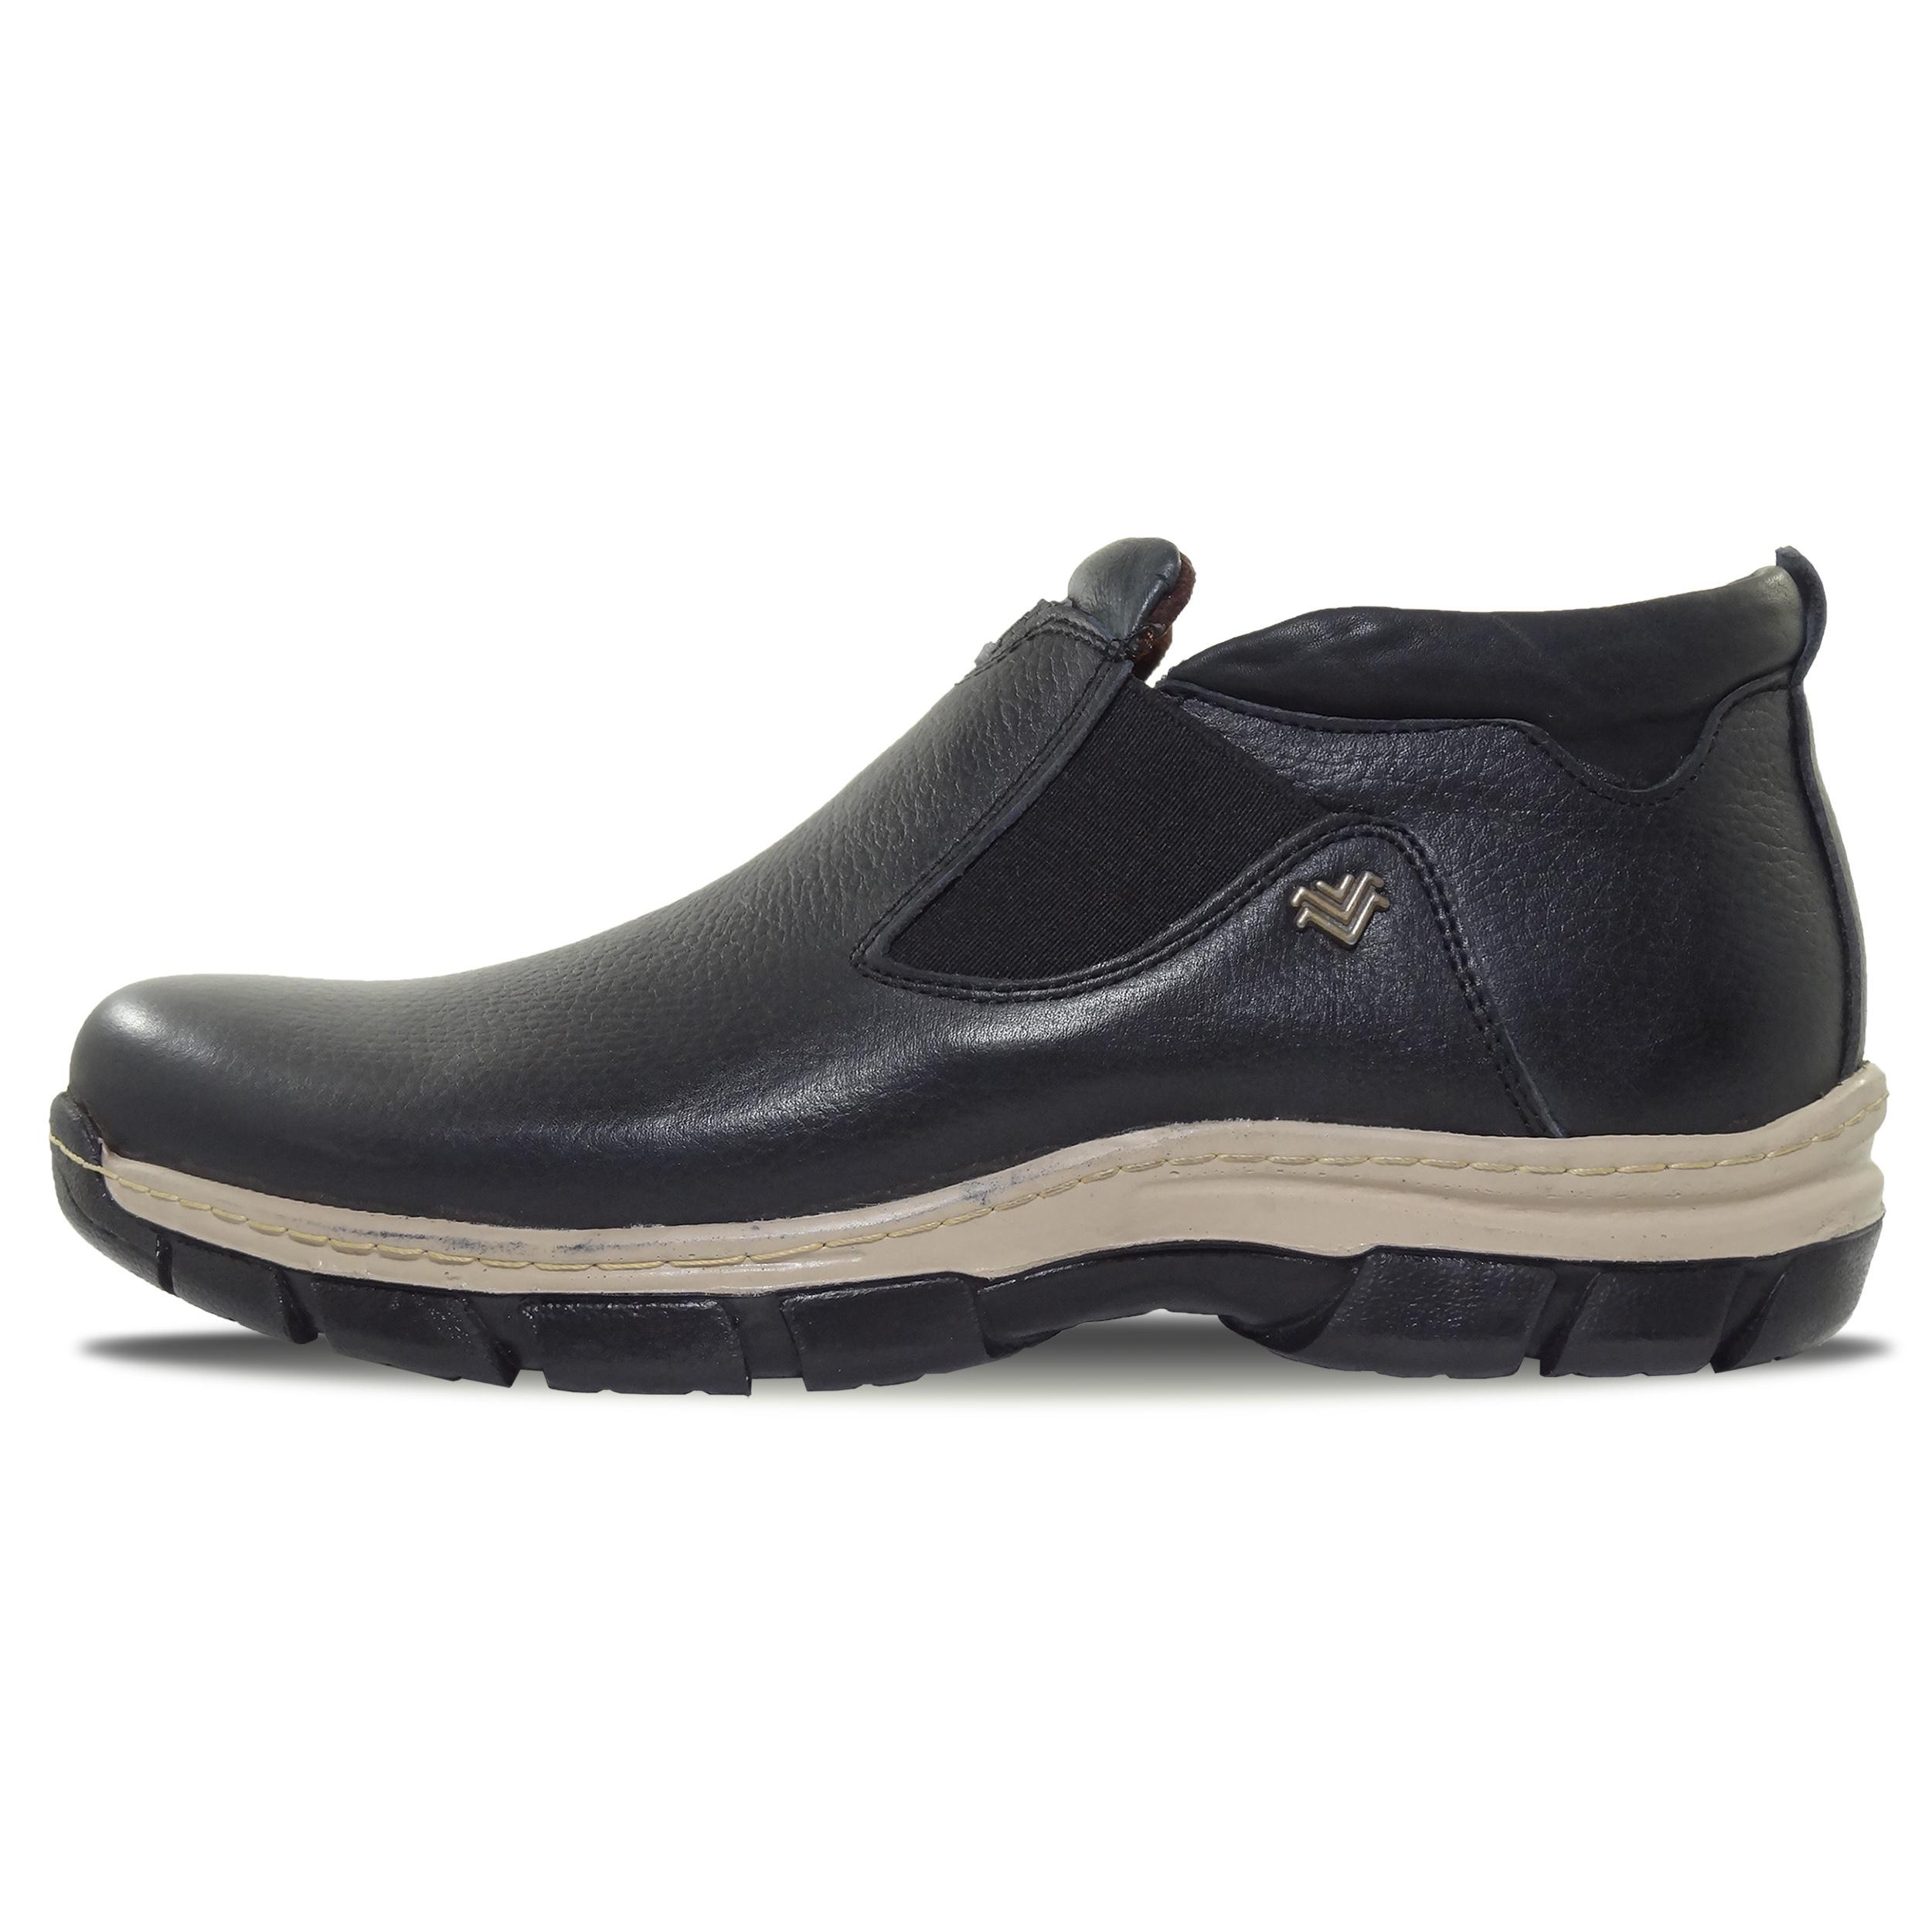 کفش روزمره مردانه مدل آیهان کد 1004